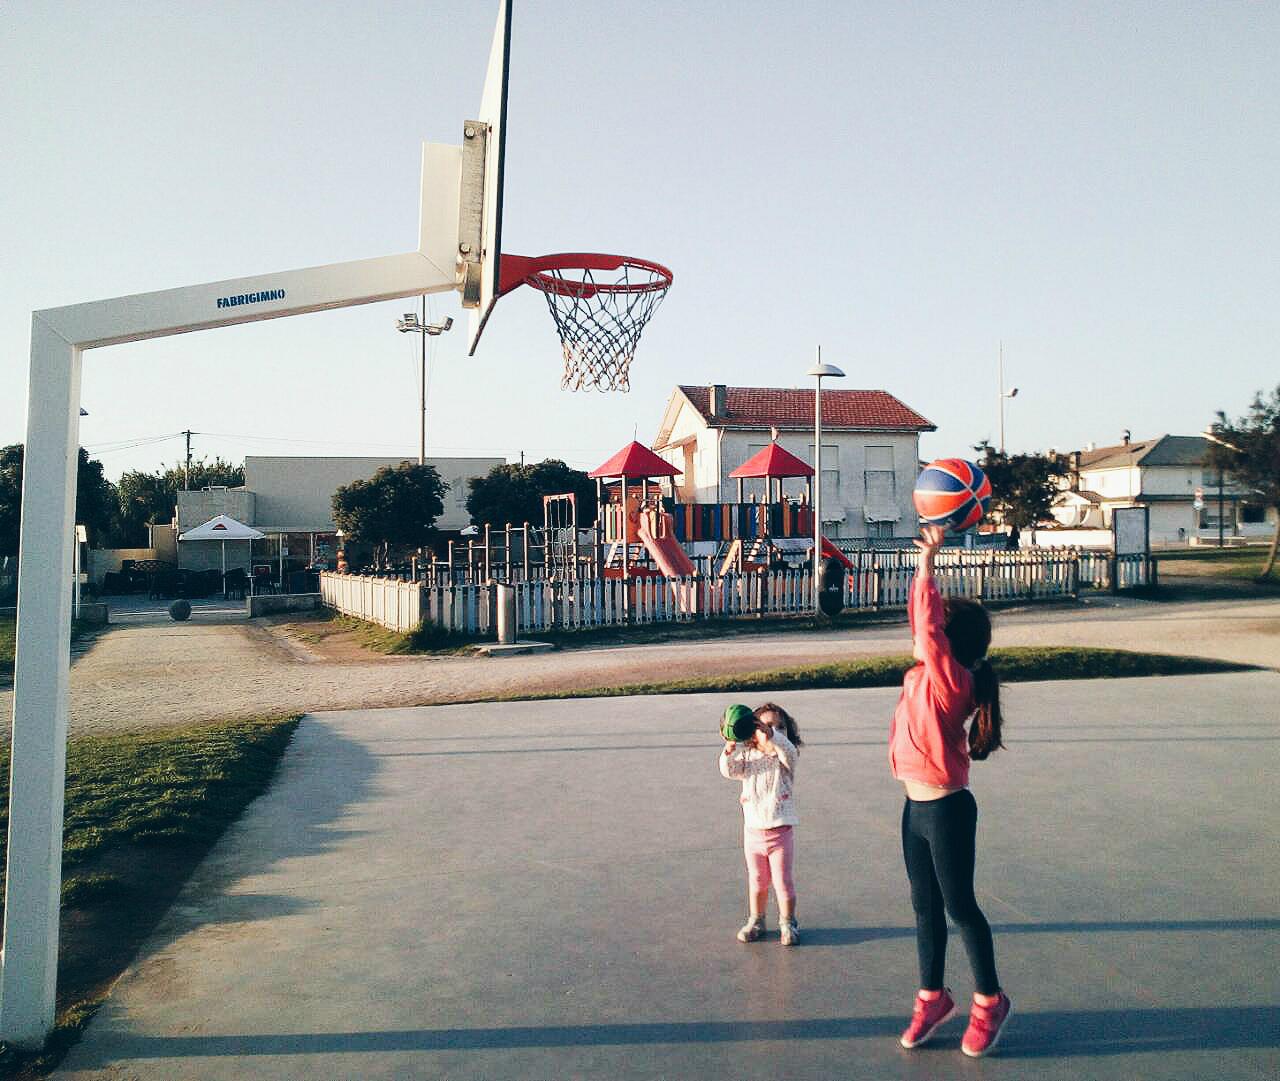 Atividades-para-fazer-fora-de-casa-com-crianças